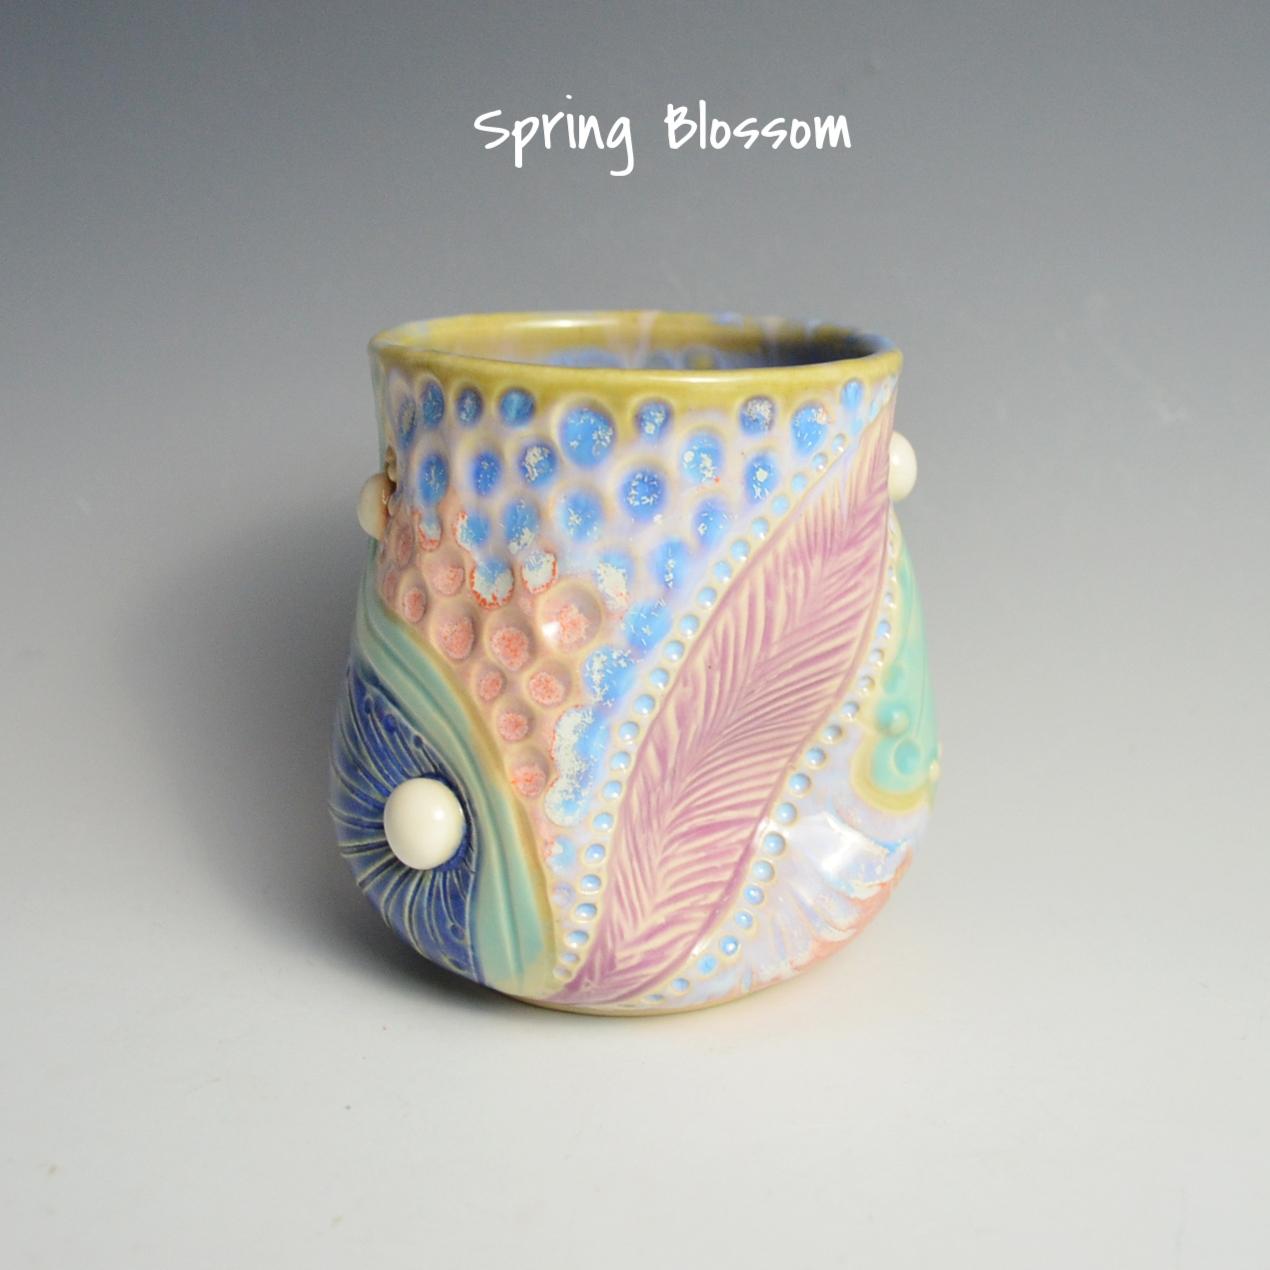 2668 - Spring Blossom.JPG